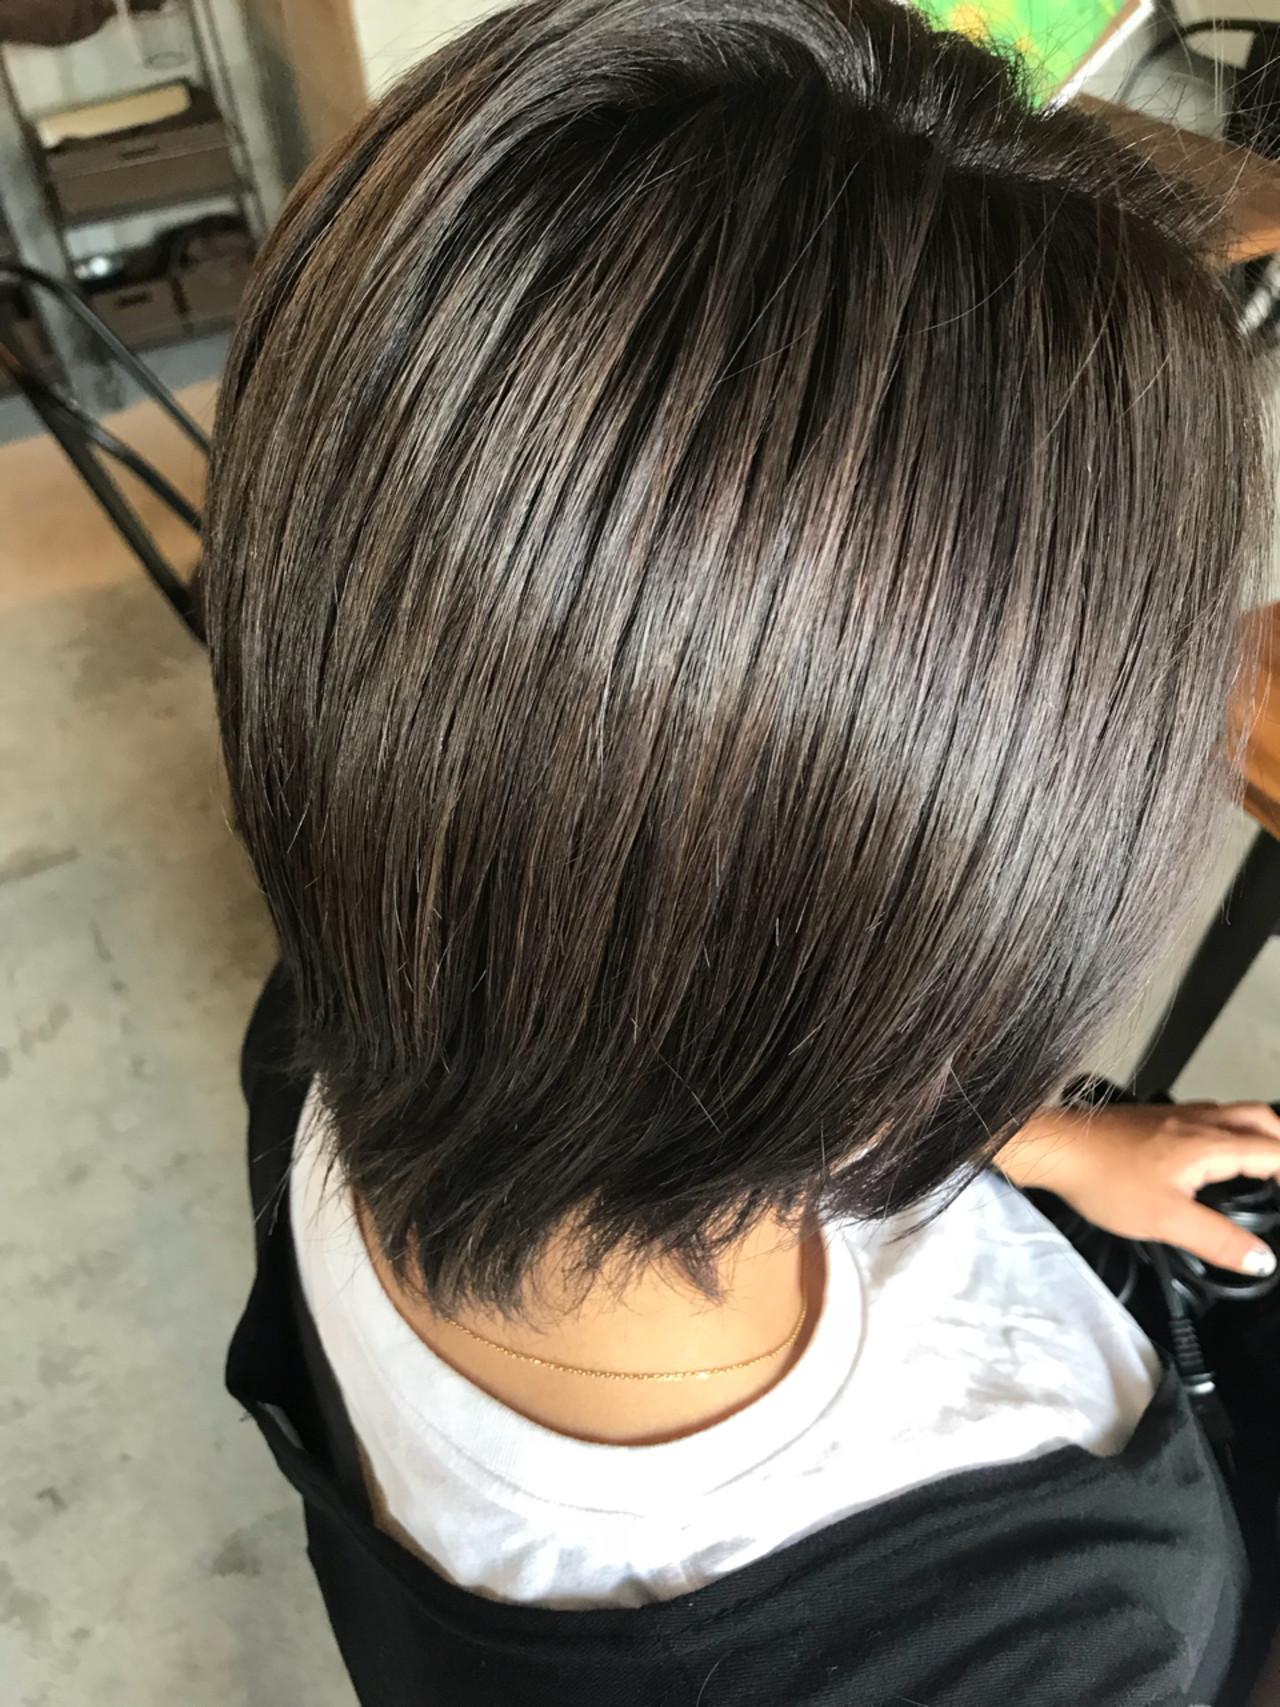 アッシュグレー グレー 外国人風カラー ストリート ヘアスタイルや髪型の写真・画像